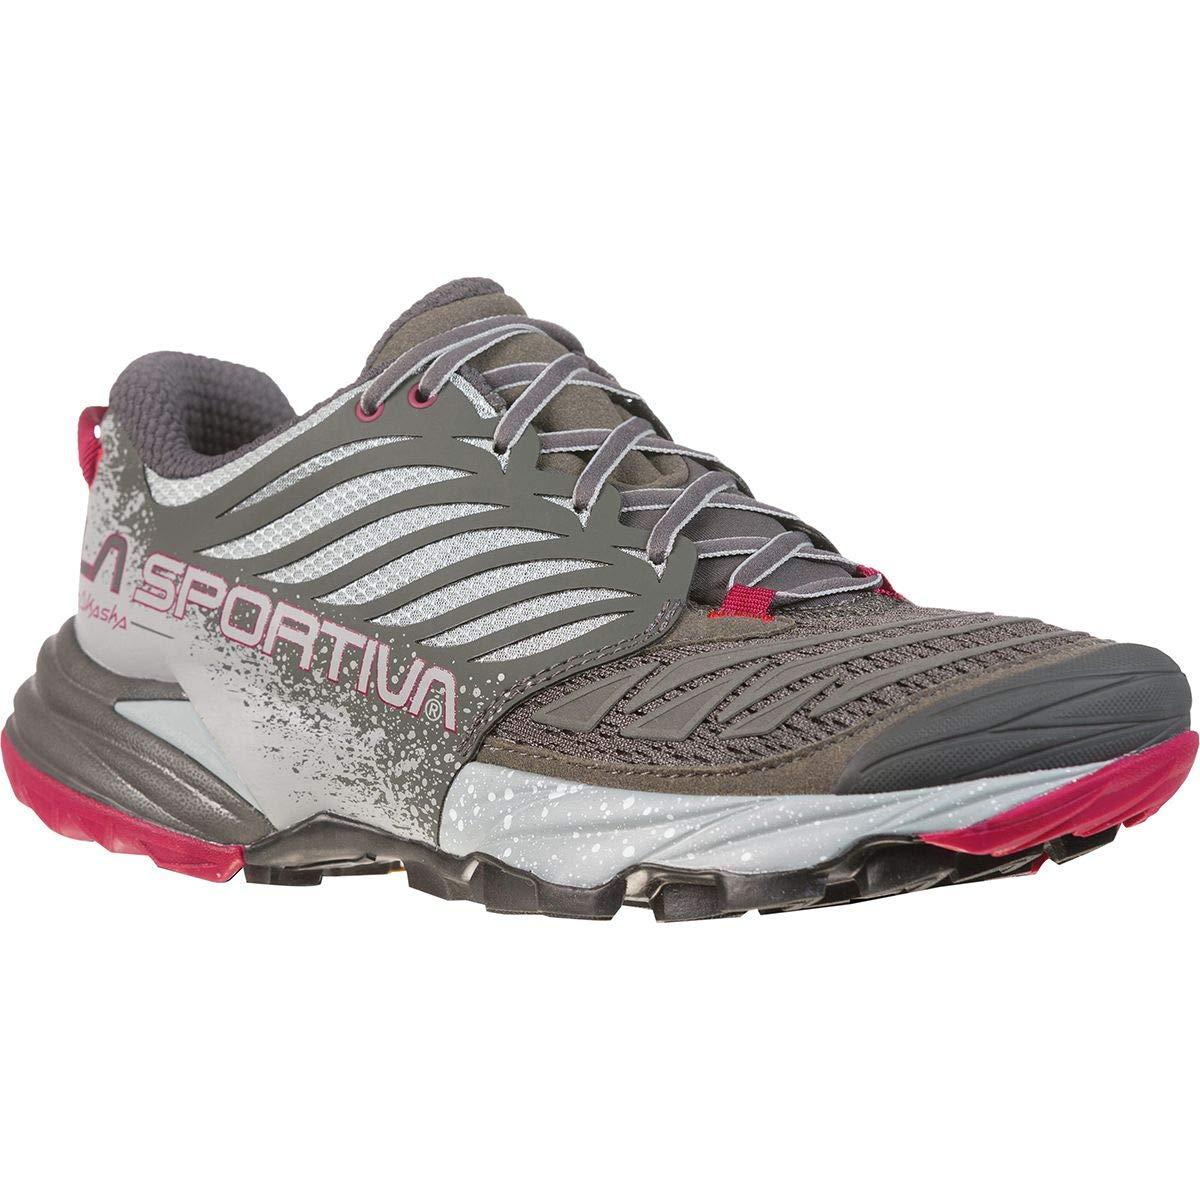 2019年春の [ラスポルティバ] レディース ランニング Akasha Trail Akasha [並行輸入品] Trail Running Shoe [並行輸入品] B07P4198GN 40, ミスター総務 家具市場:17b354f1 --- hsaa.co.in